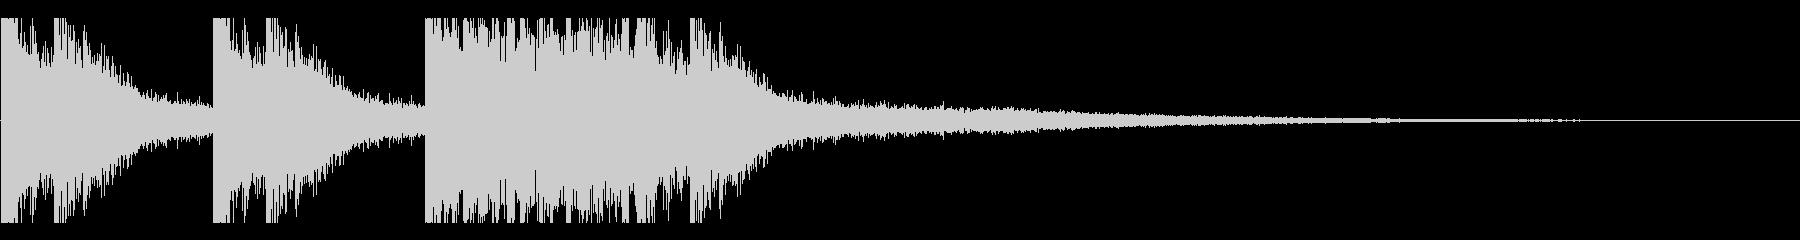 太鼓1 スネアロール ジングルの未再生の波形